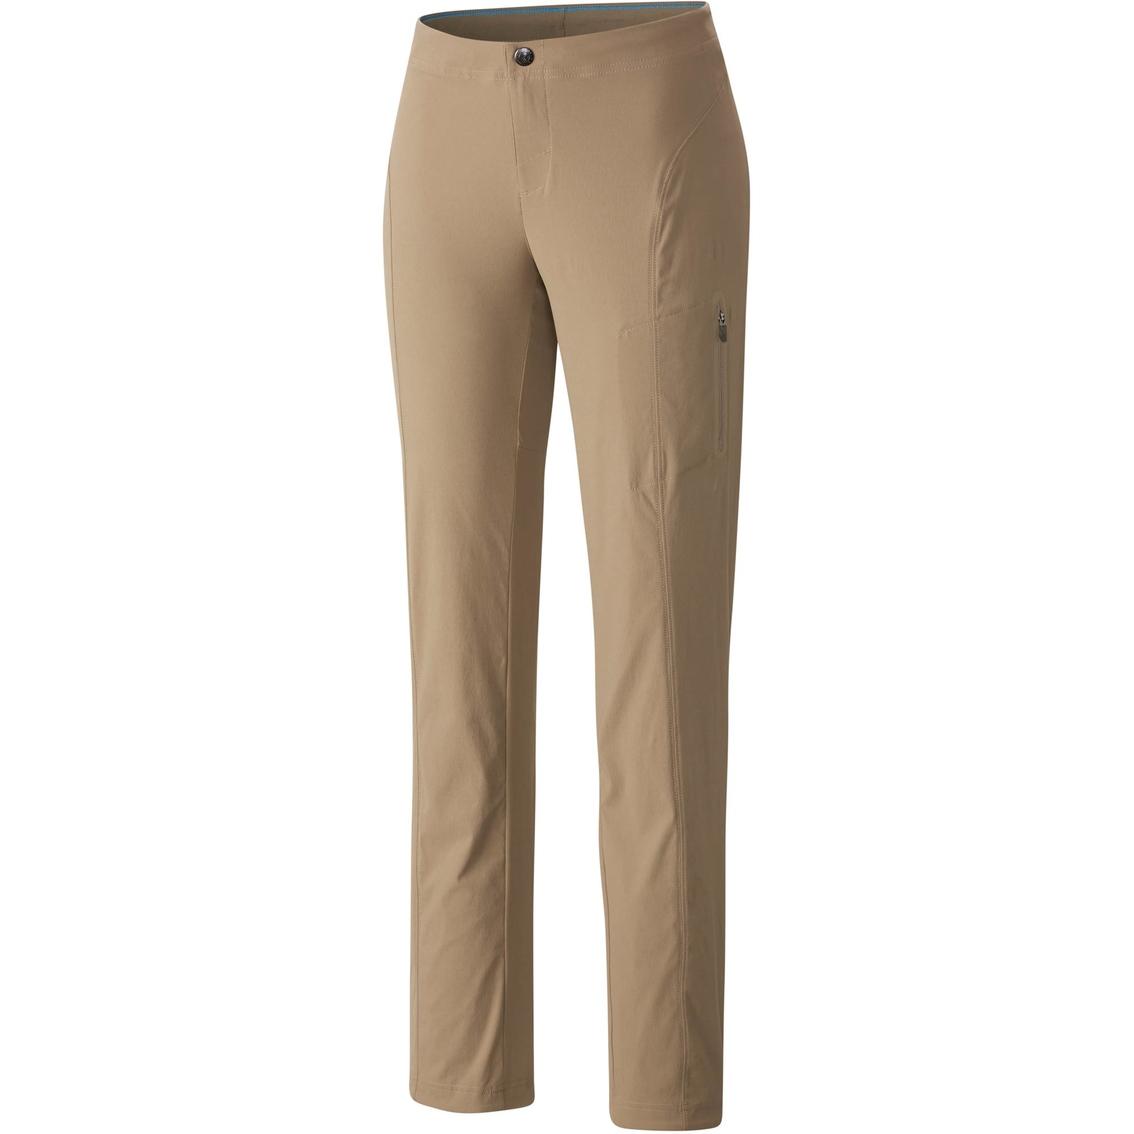 5564b38e Columbia Misses / Plus Size Just Right Straight Leg Pants | Pants ...